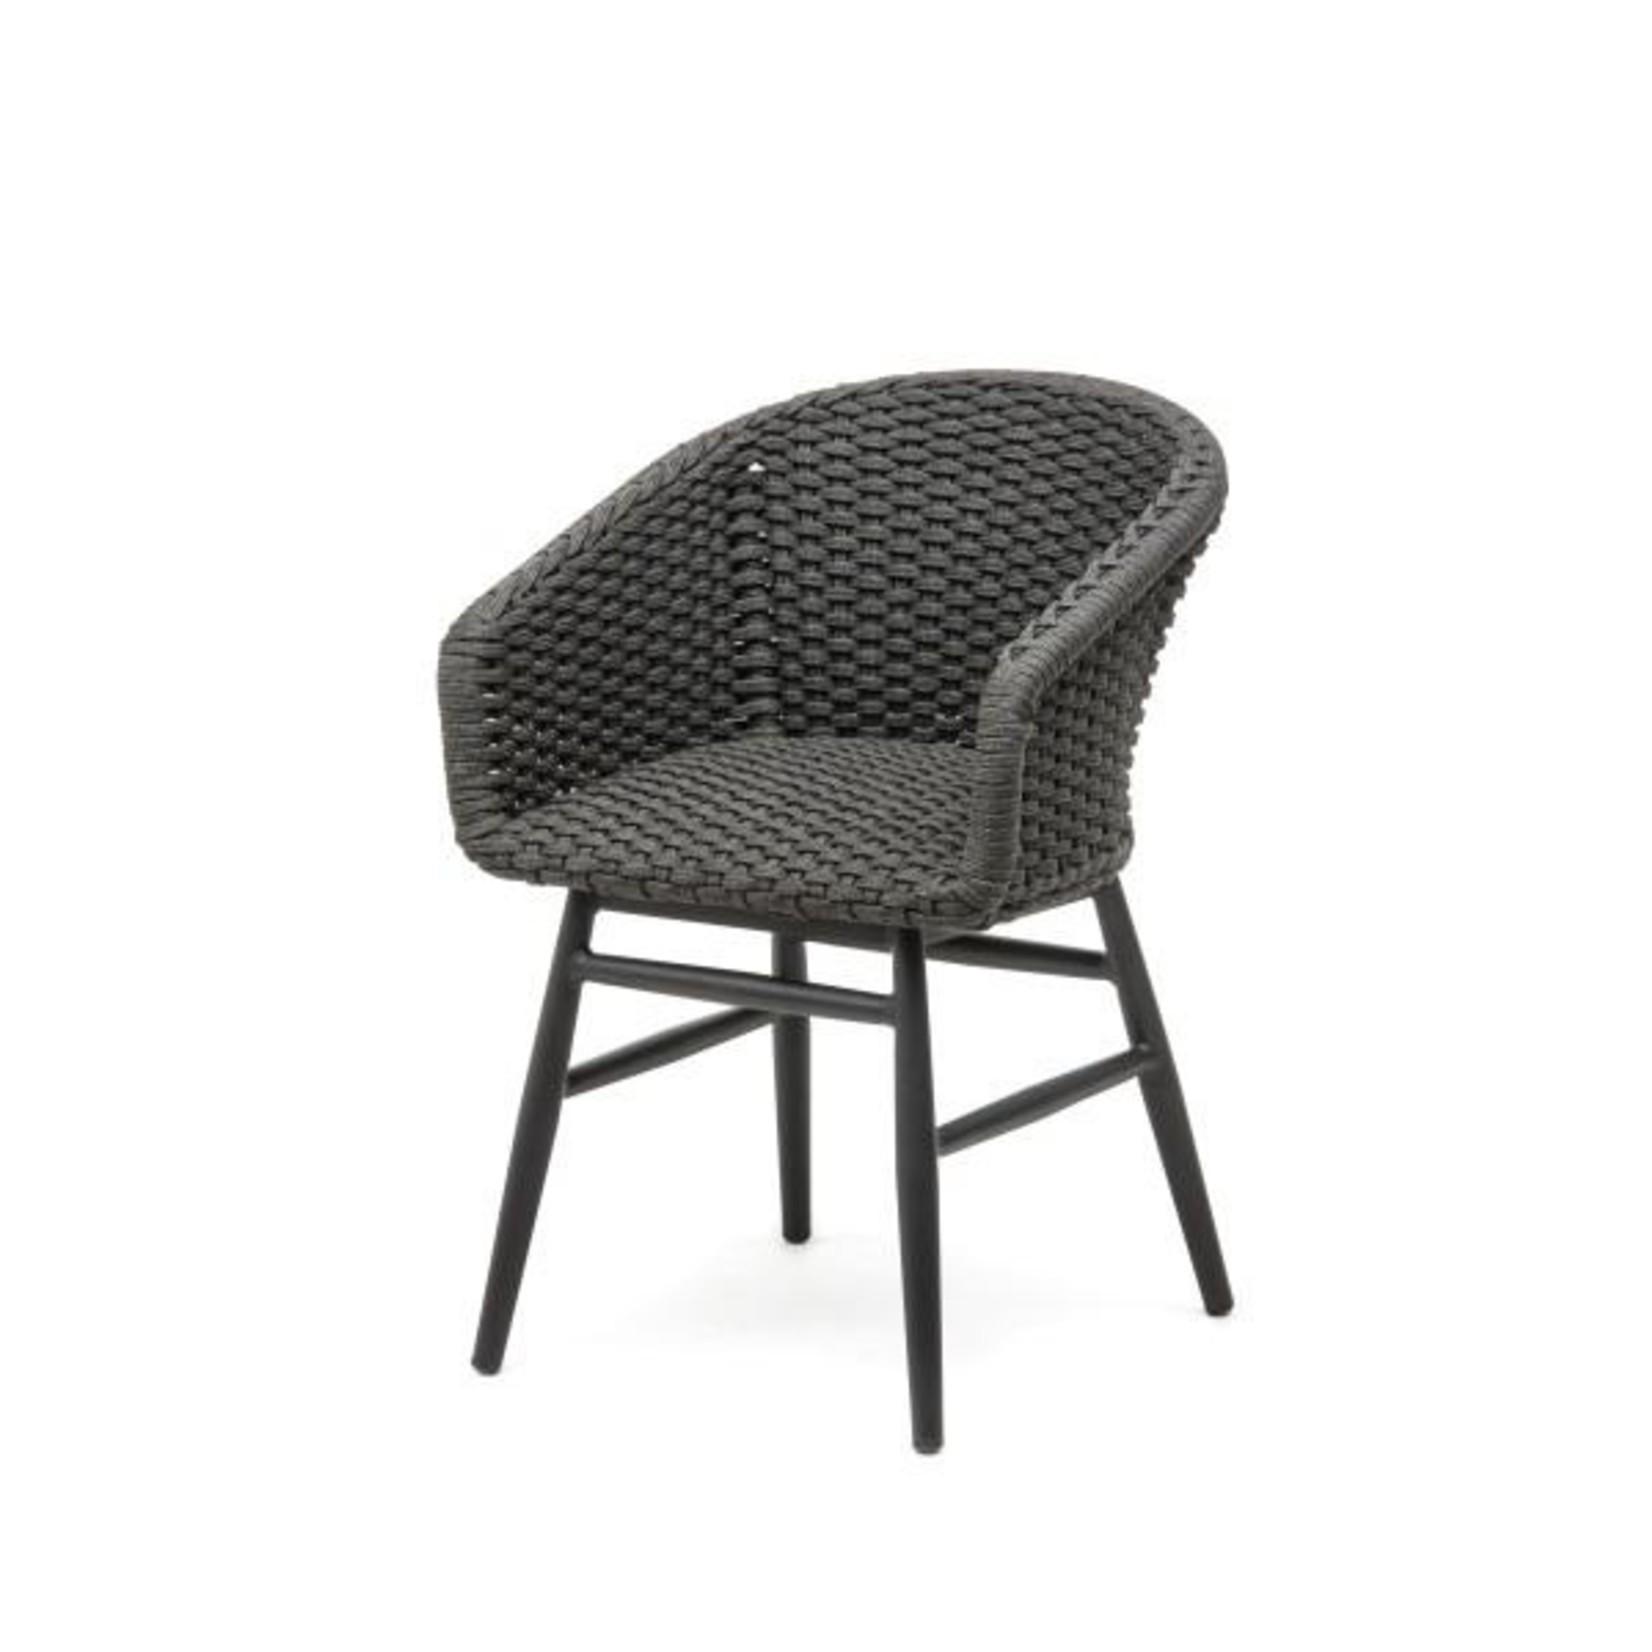 Gommaire Fauteuil Charly | Cadre en aluminium noir mat / corde (siège en mousse à séchage rapide à l'intérieur)